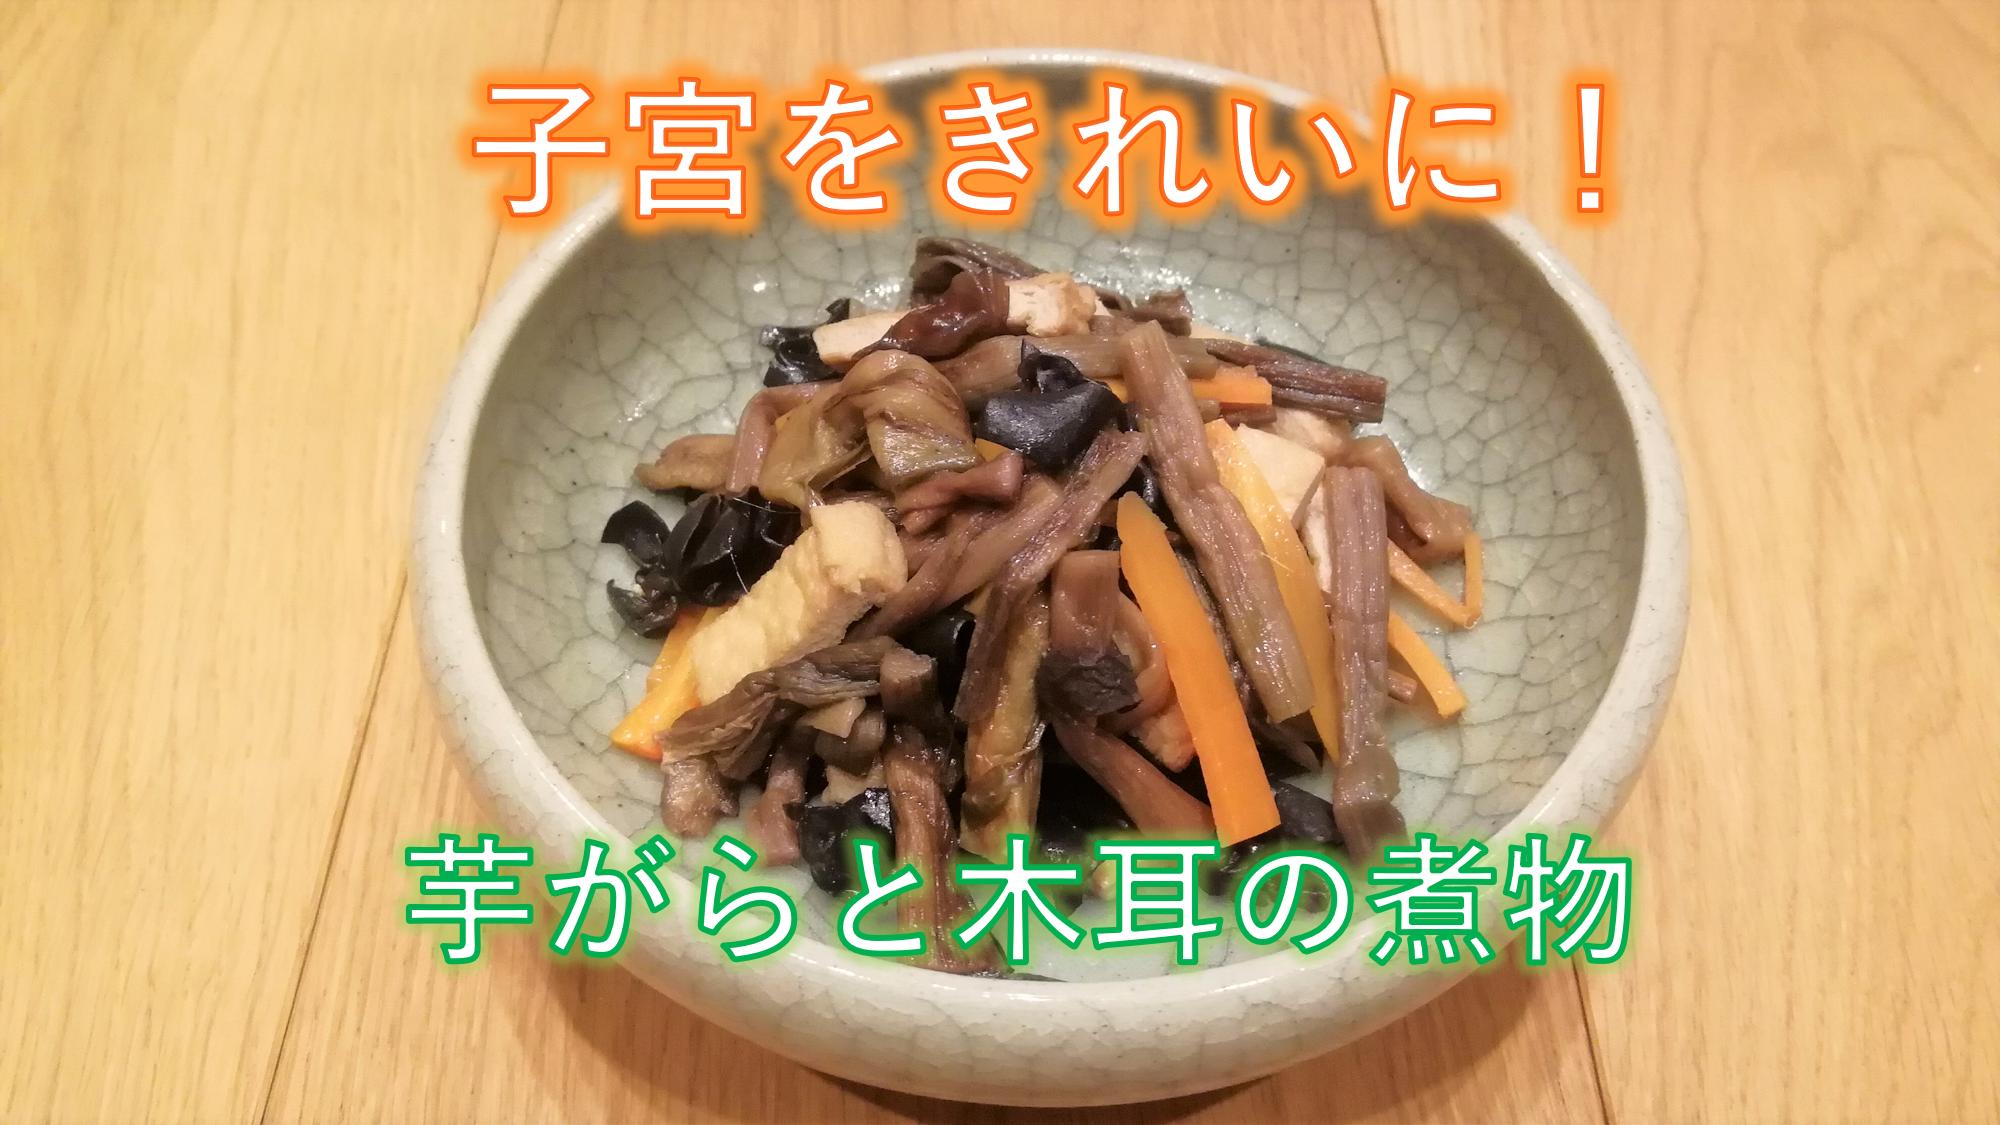 がら レシピ 芋 里芋の親芋 基本の食べ方と絶品レシピ